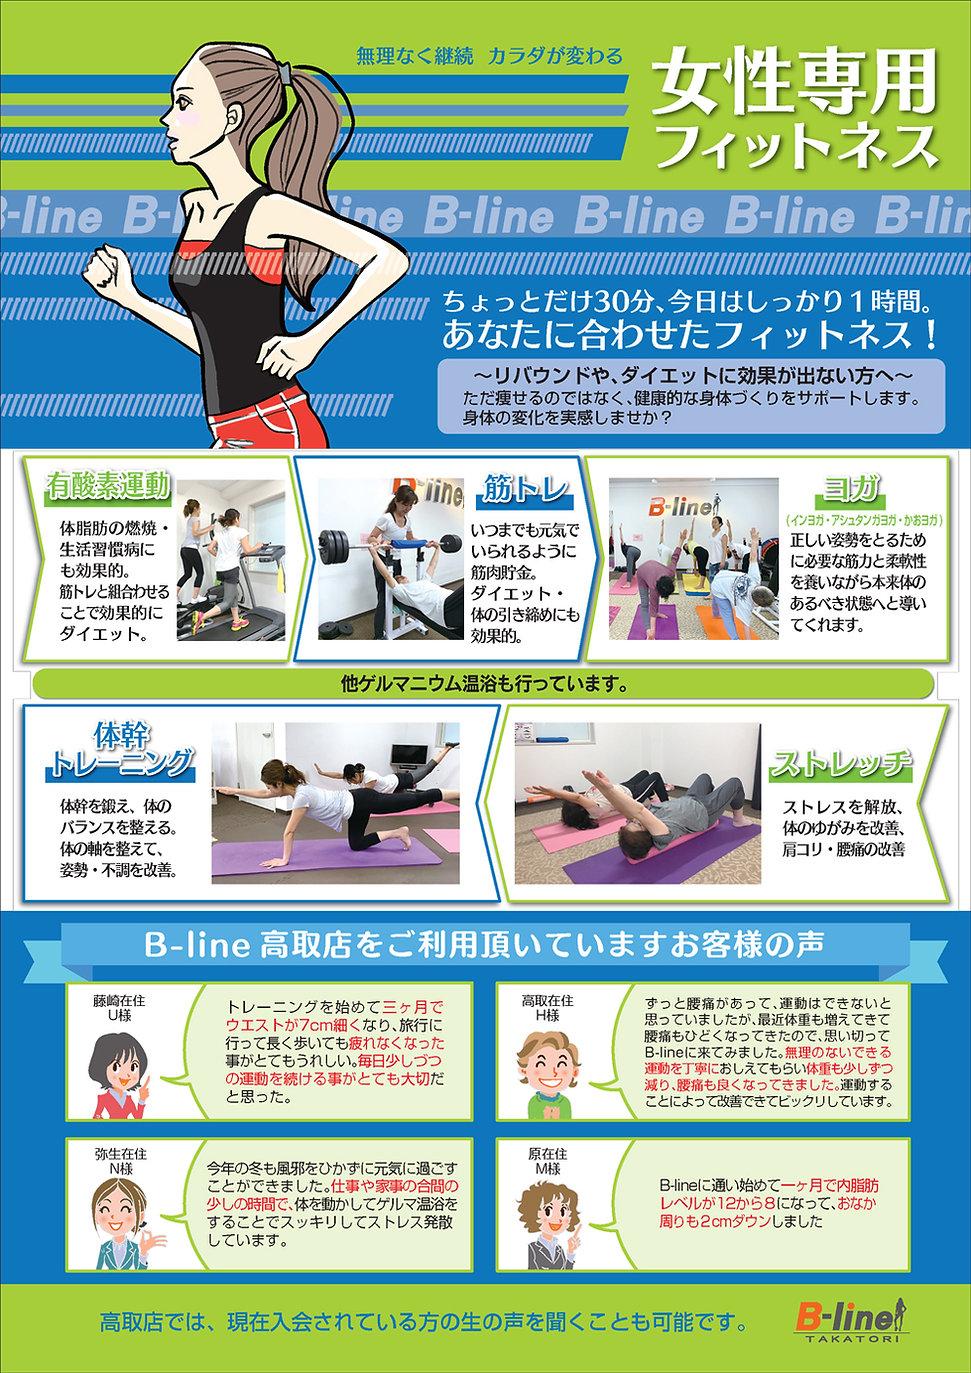 B-line201910-1.jpg